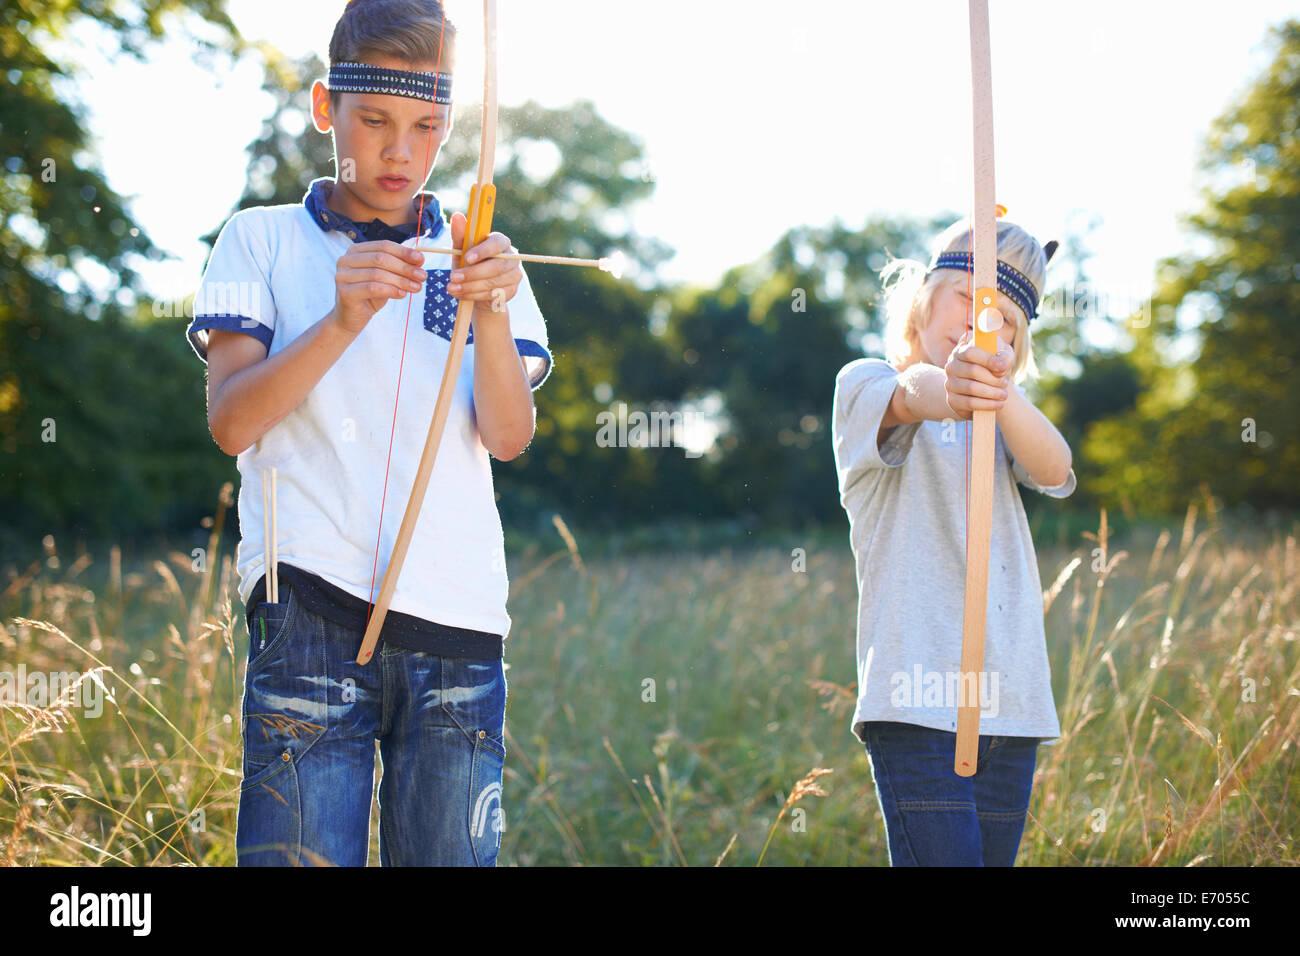 Dos chicos jóvenes la celebración de arco y flecha Imagen De Stock